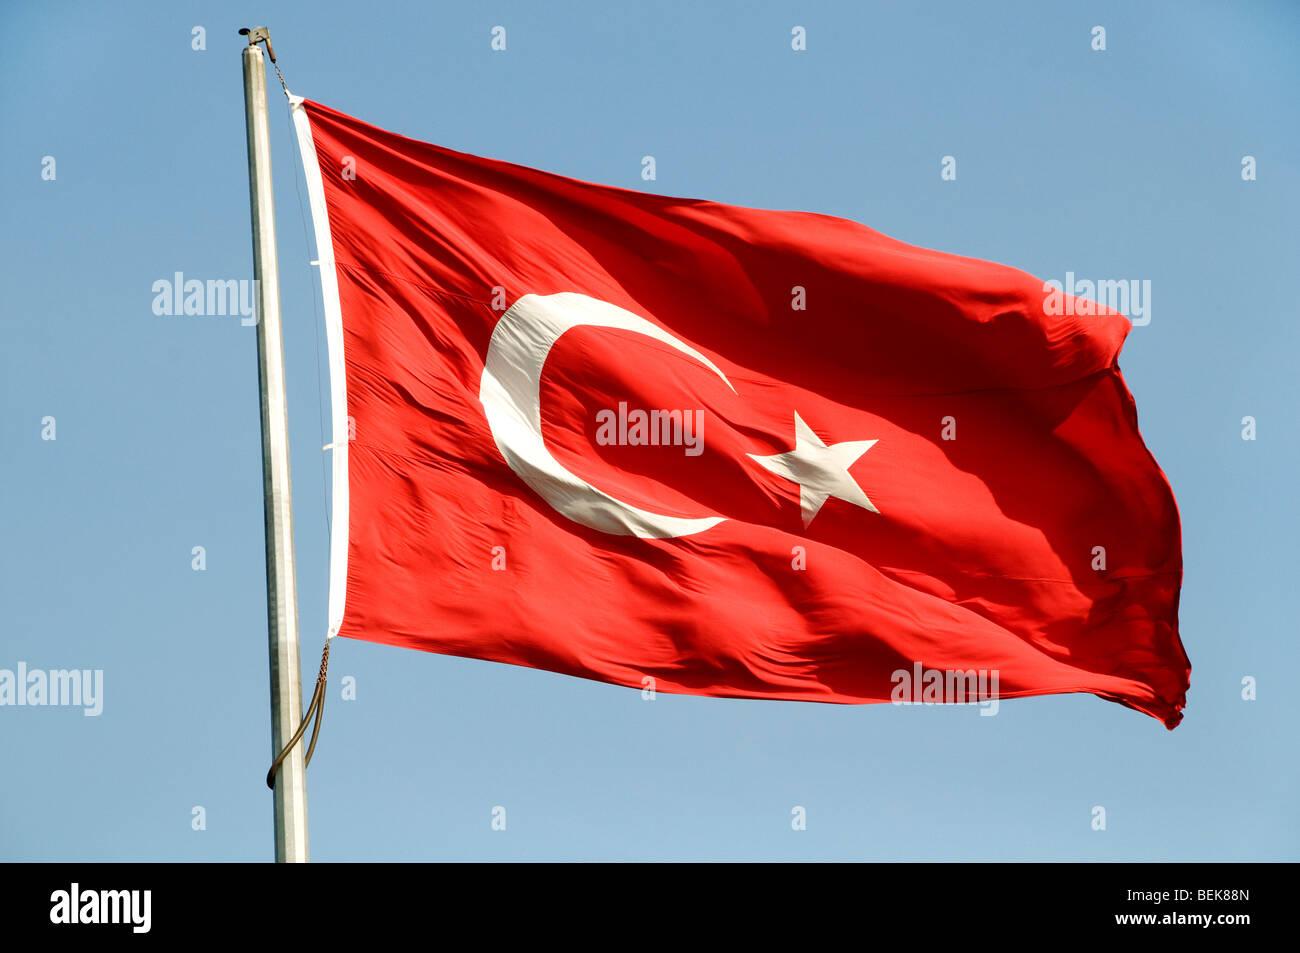 drapeau rouge avec croissant